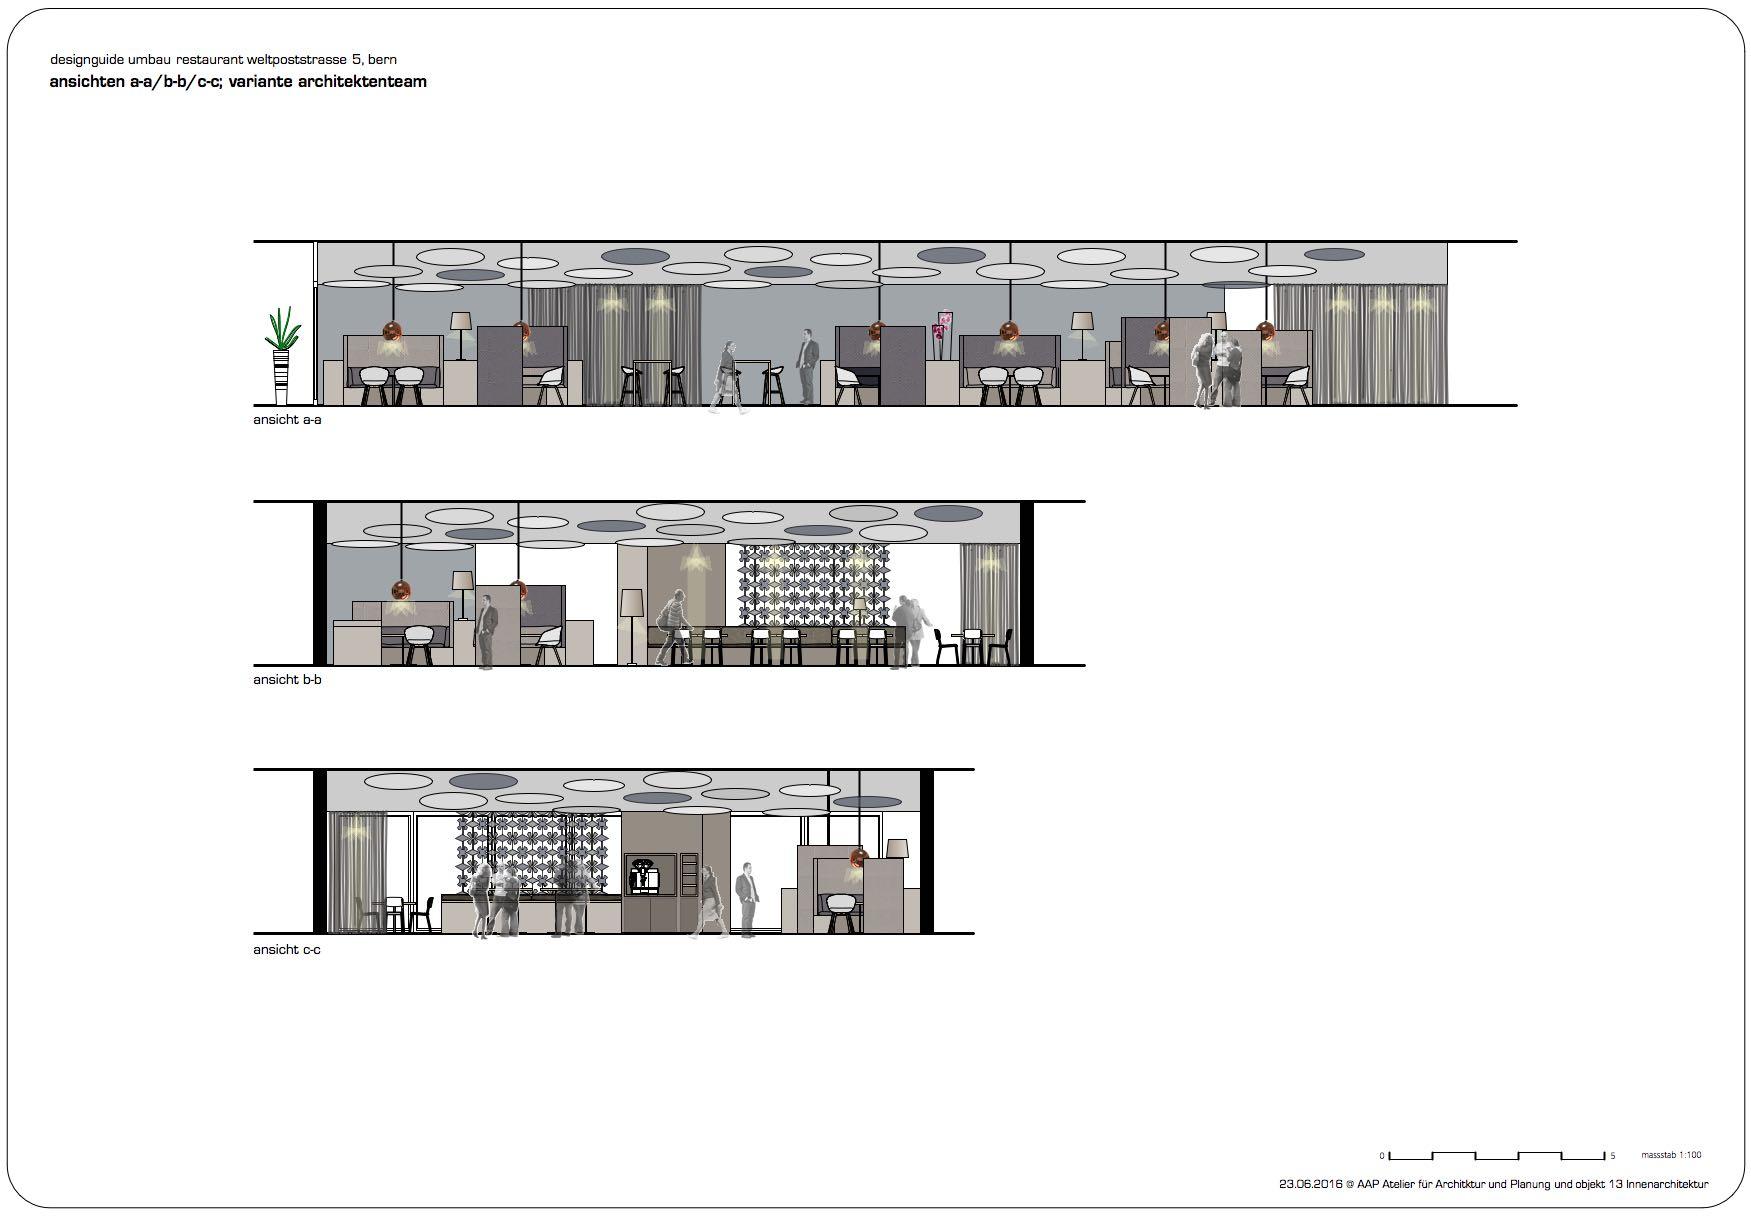 restaurant-gastrokonzept-bern-zürich-innenarchitektur-innenarchitekt-objekt-13-03